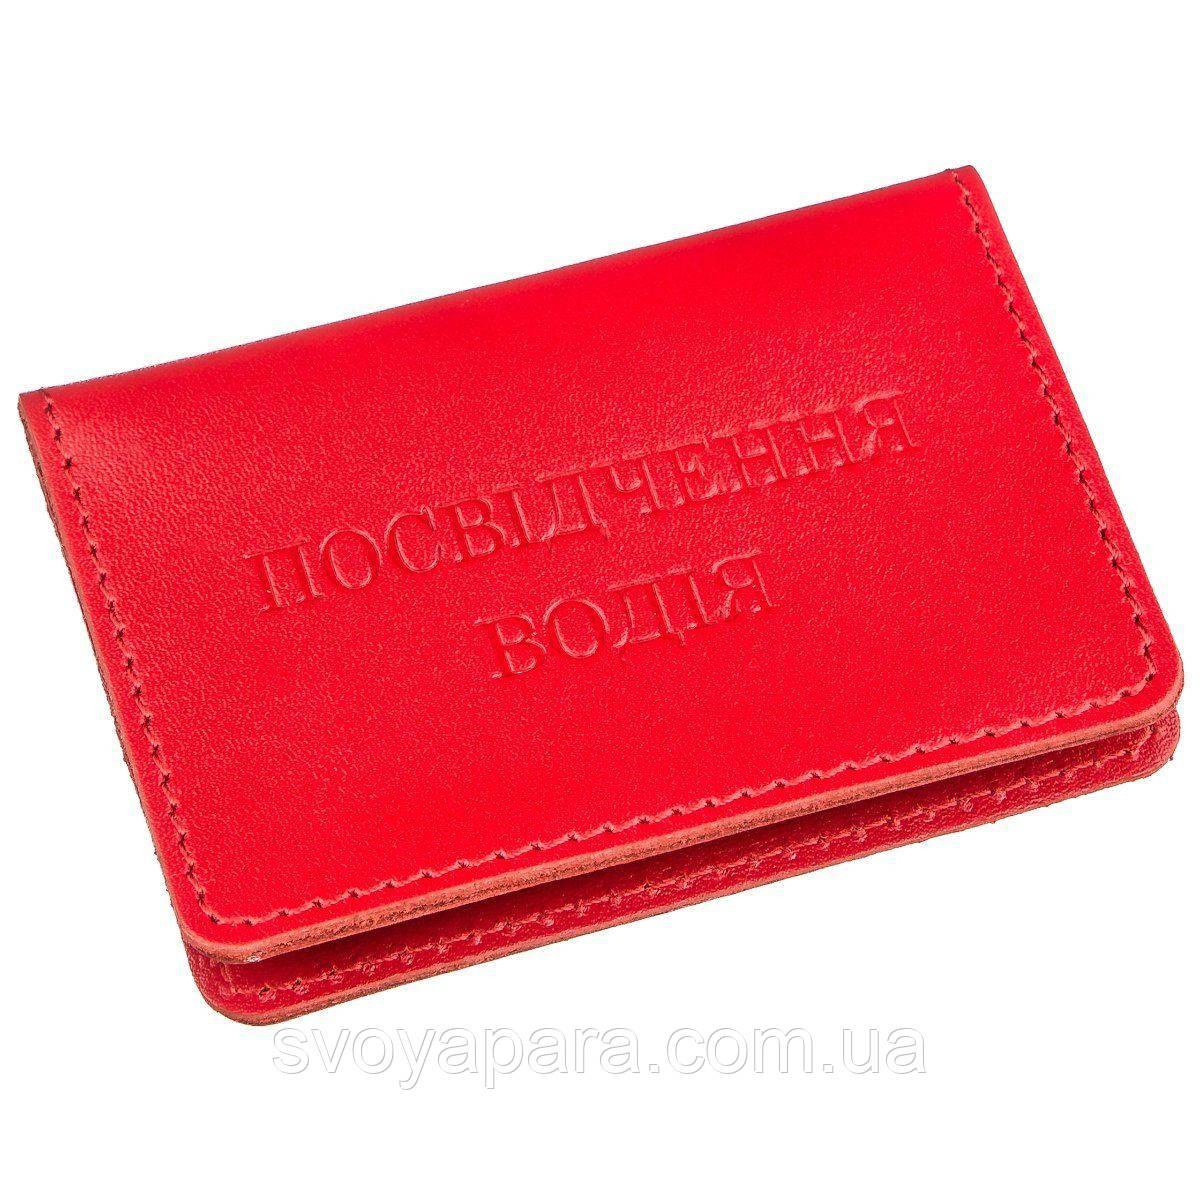 Обложка для прав яркая кожаная Shvigel 13969 Красная